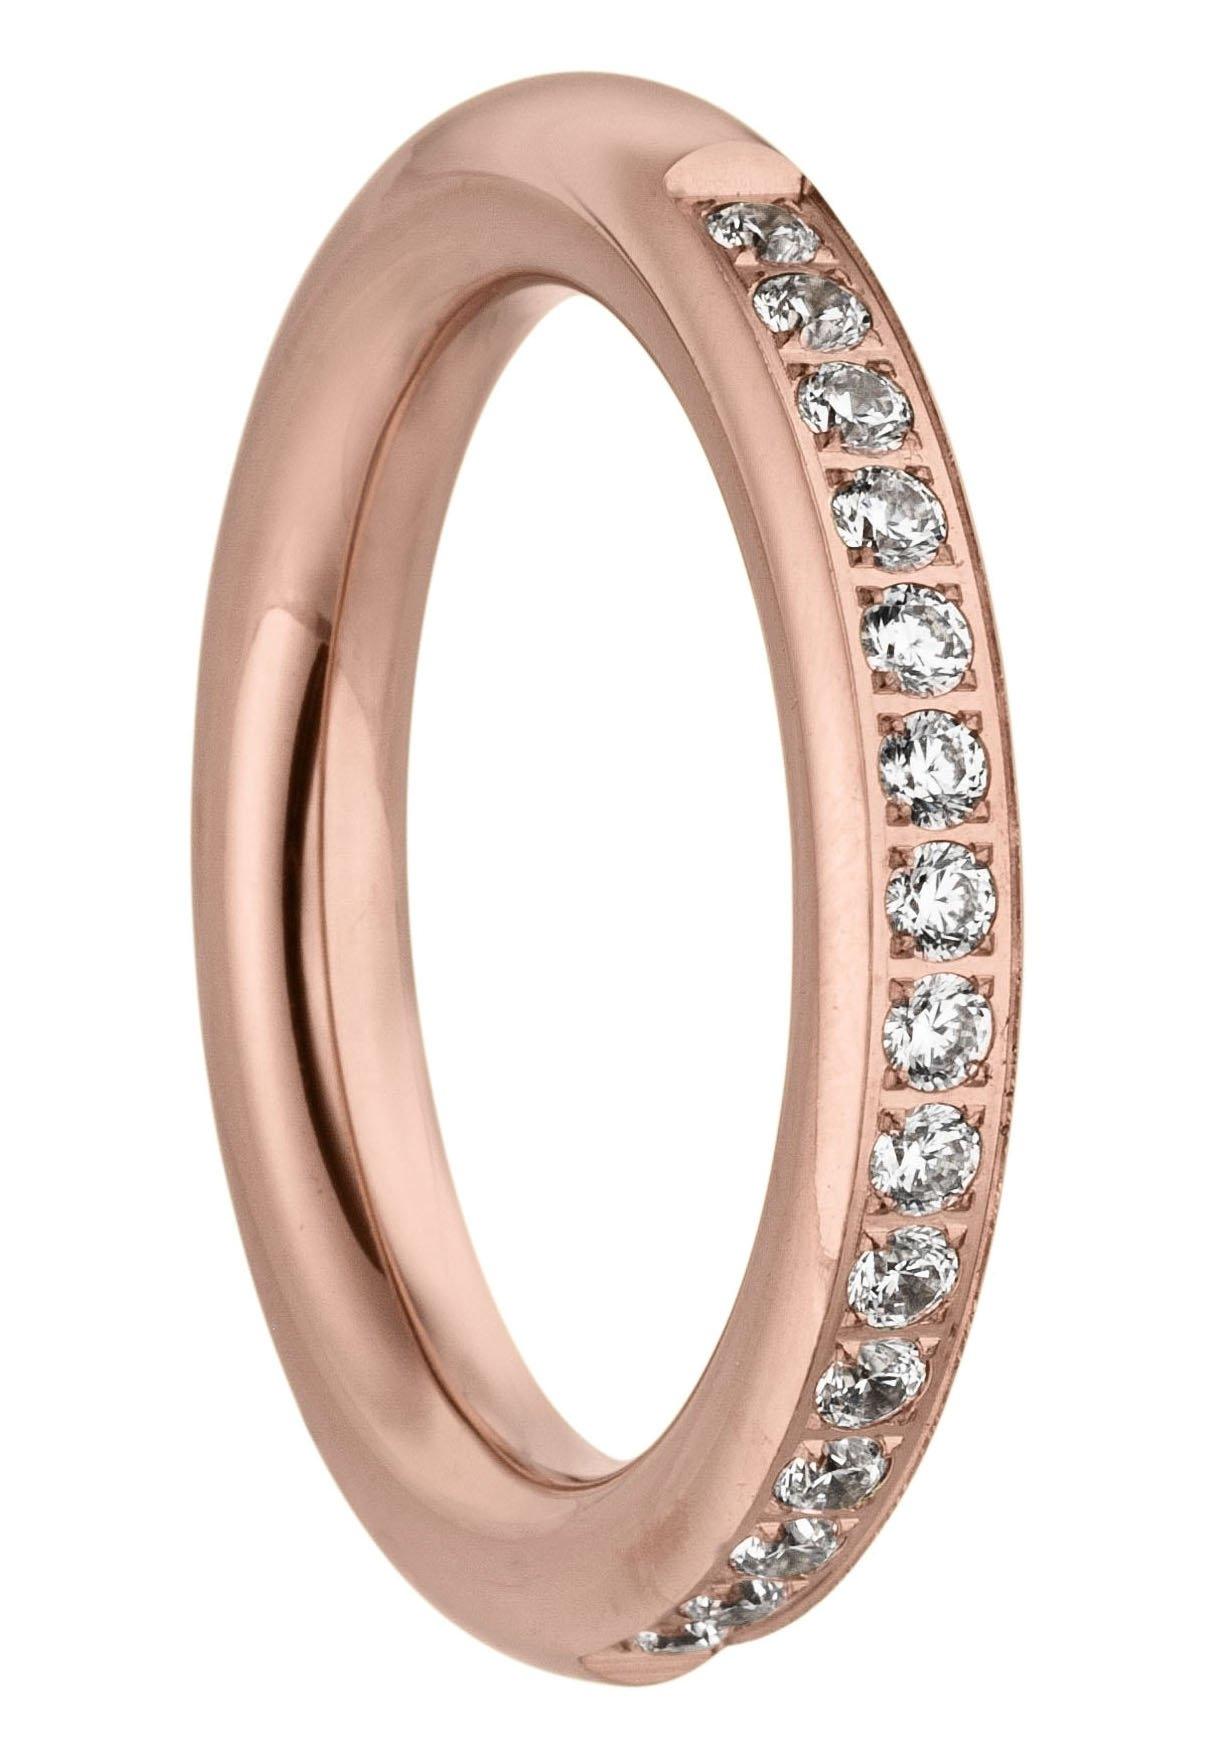 Op zoek naar een Tamaris ring Emily, TJ172-54, TJ172-56, TJ172-58, TJ172-60 met zirkoon? Koop online bij OTTO